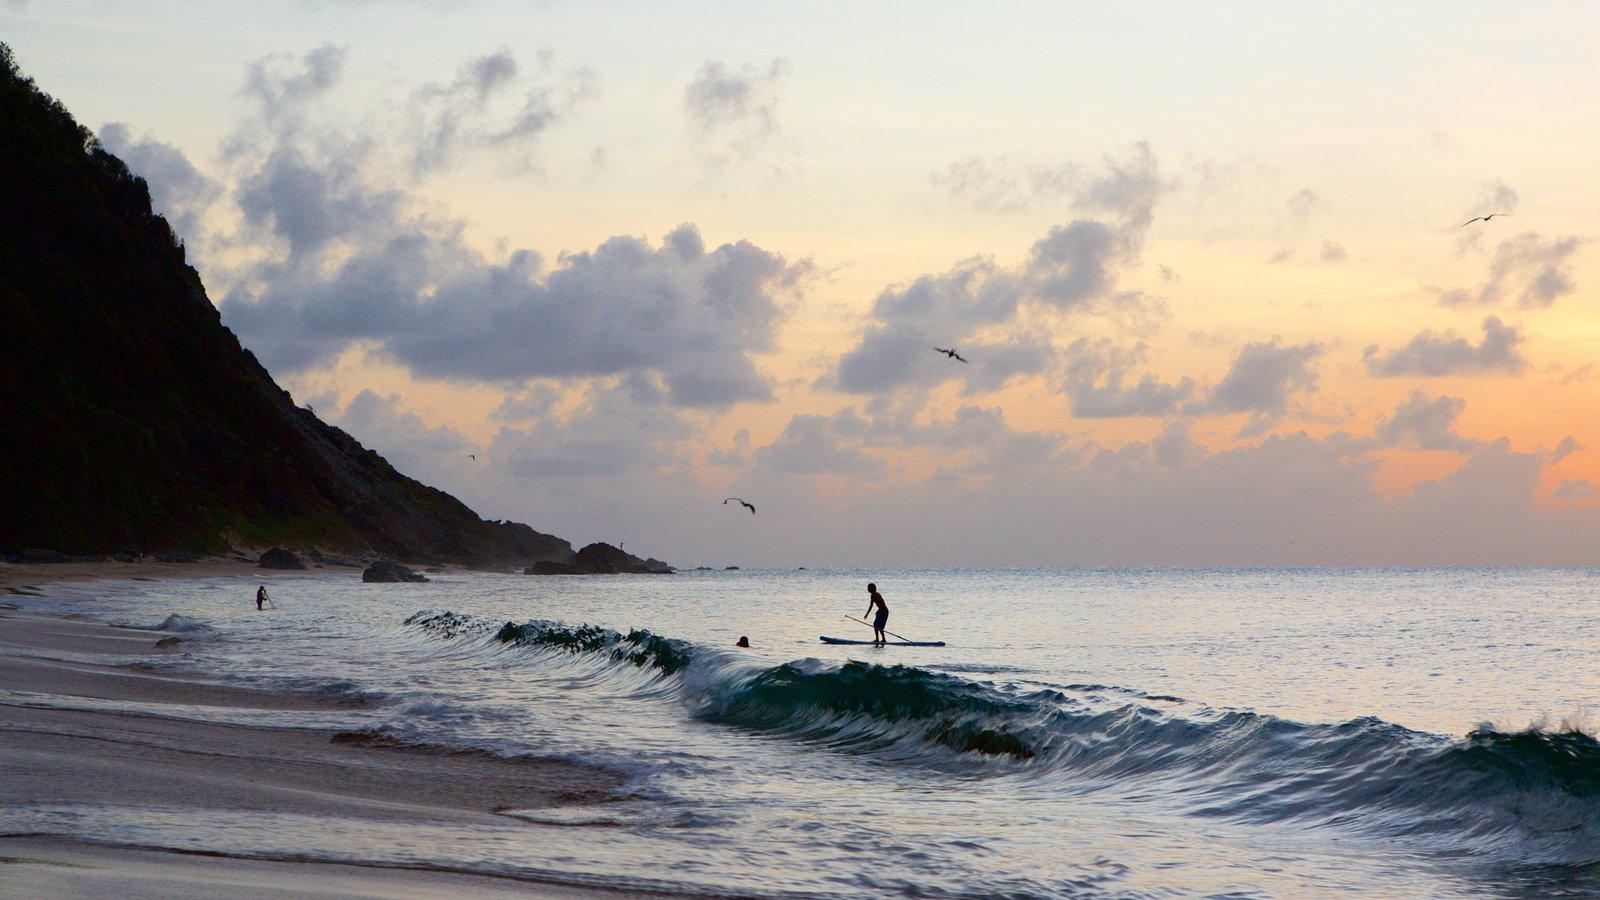 Praia da Conceição caracterizando ondas, uma praia e um pôr do sol